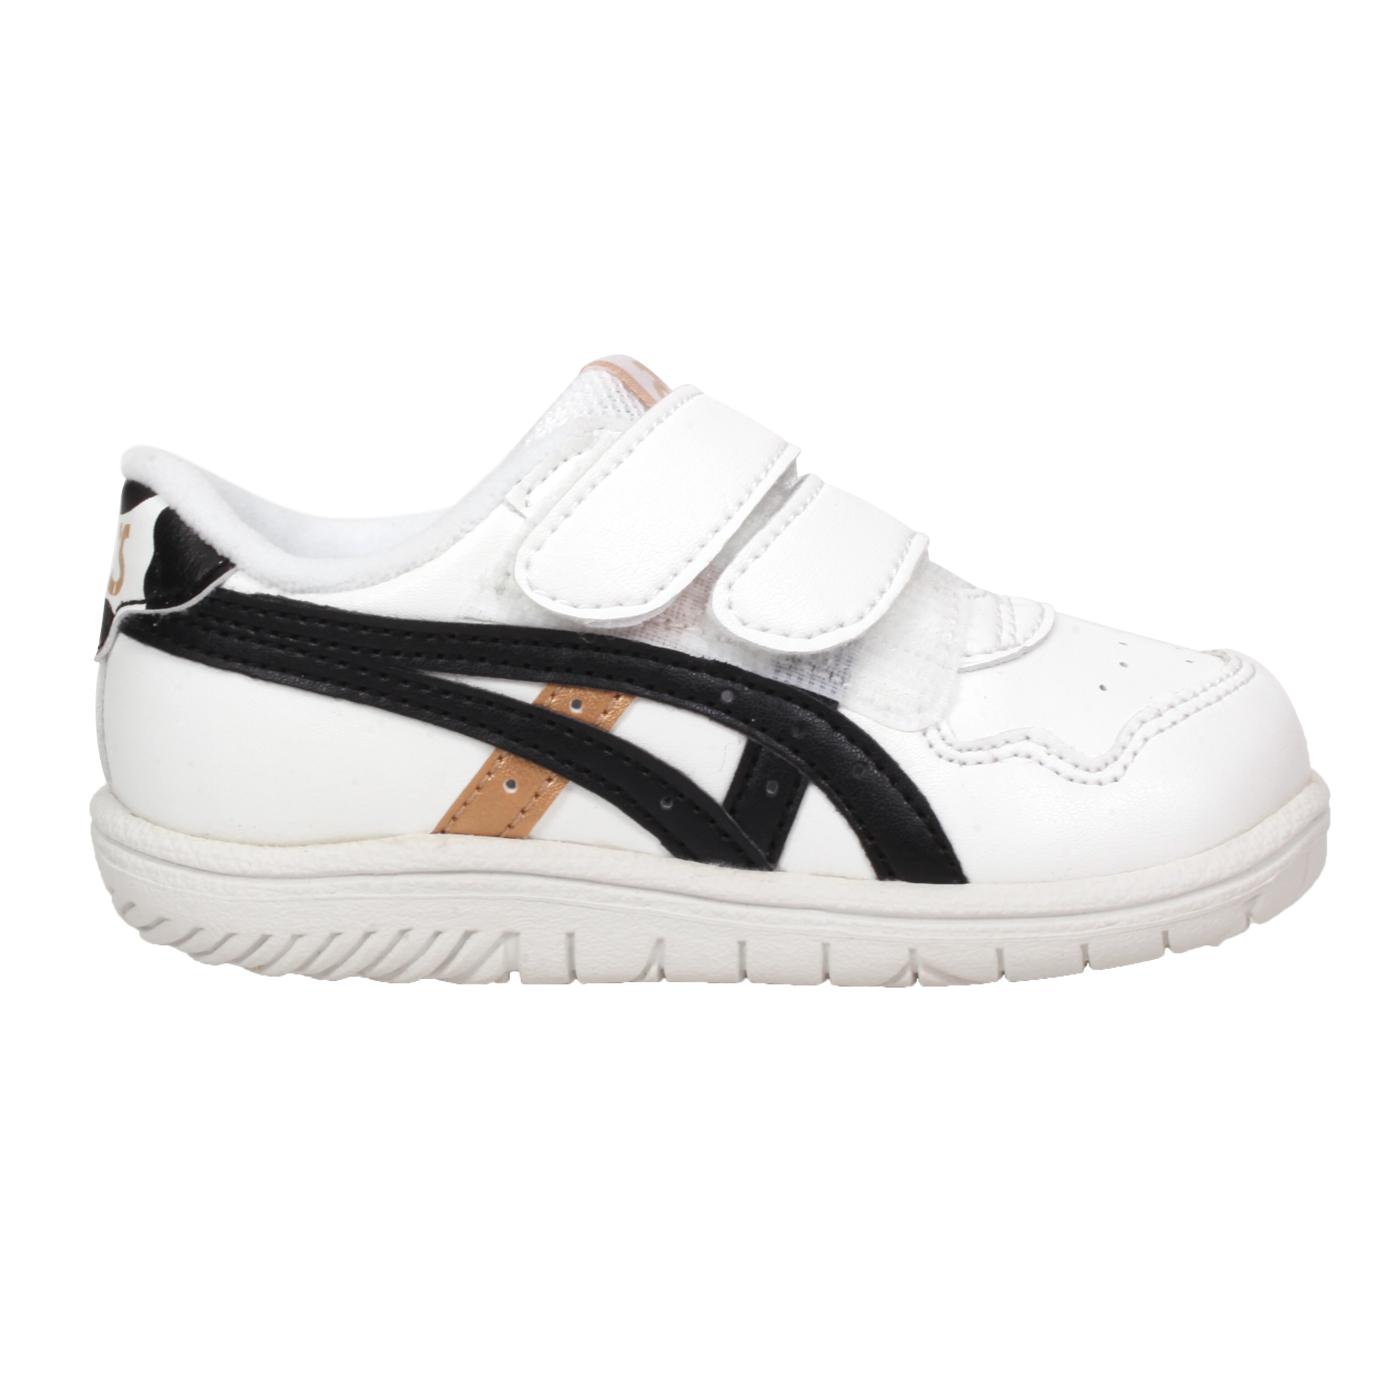 ASICS 小童運動鞋  @JAPAN S TS@1204A021-100